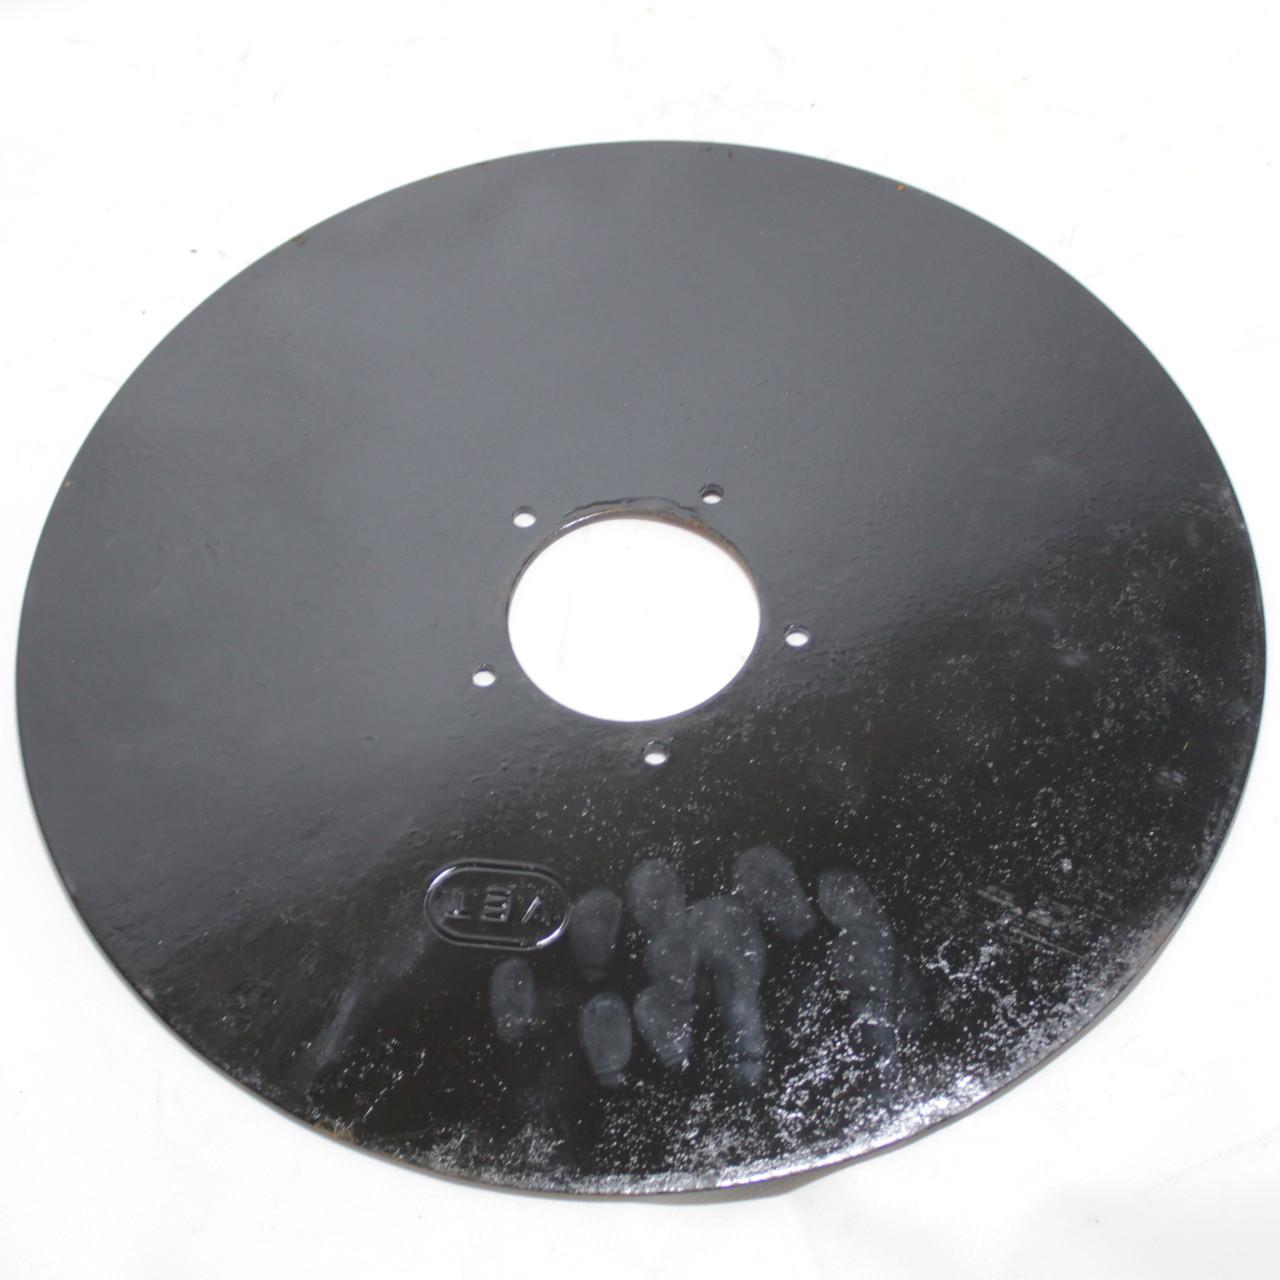 Диск сошника без ступицы СЗ борированный Н.154.00.424-Б